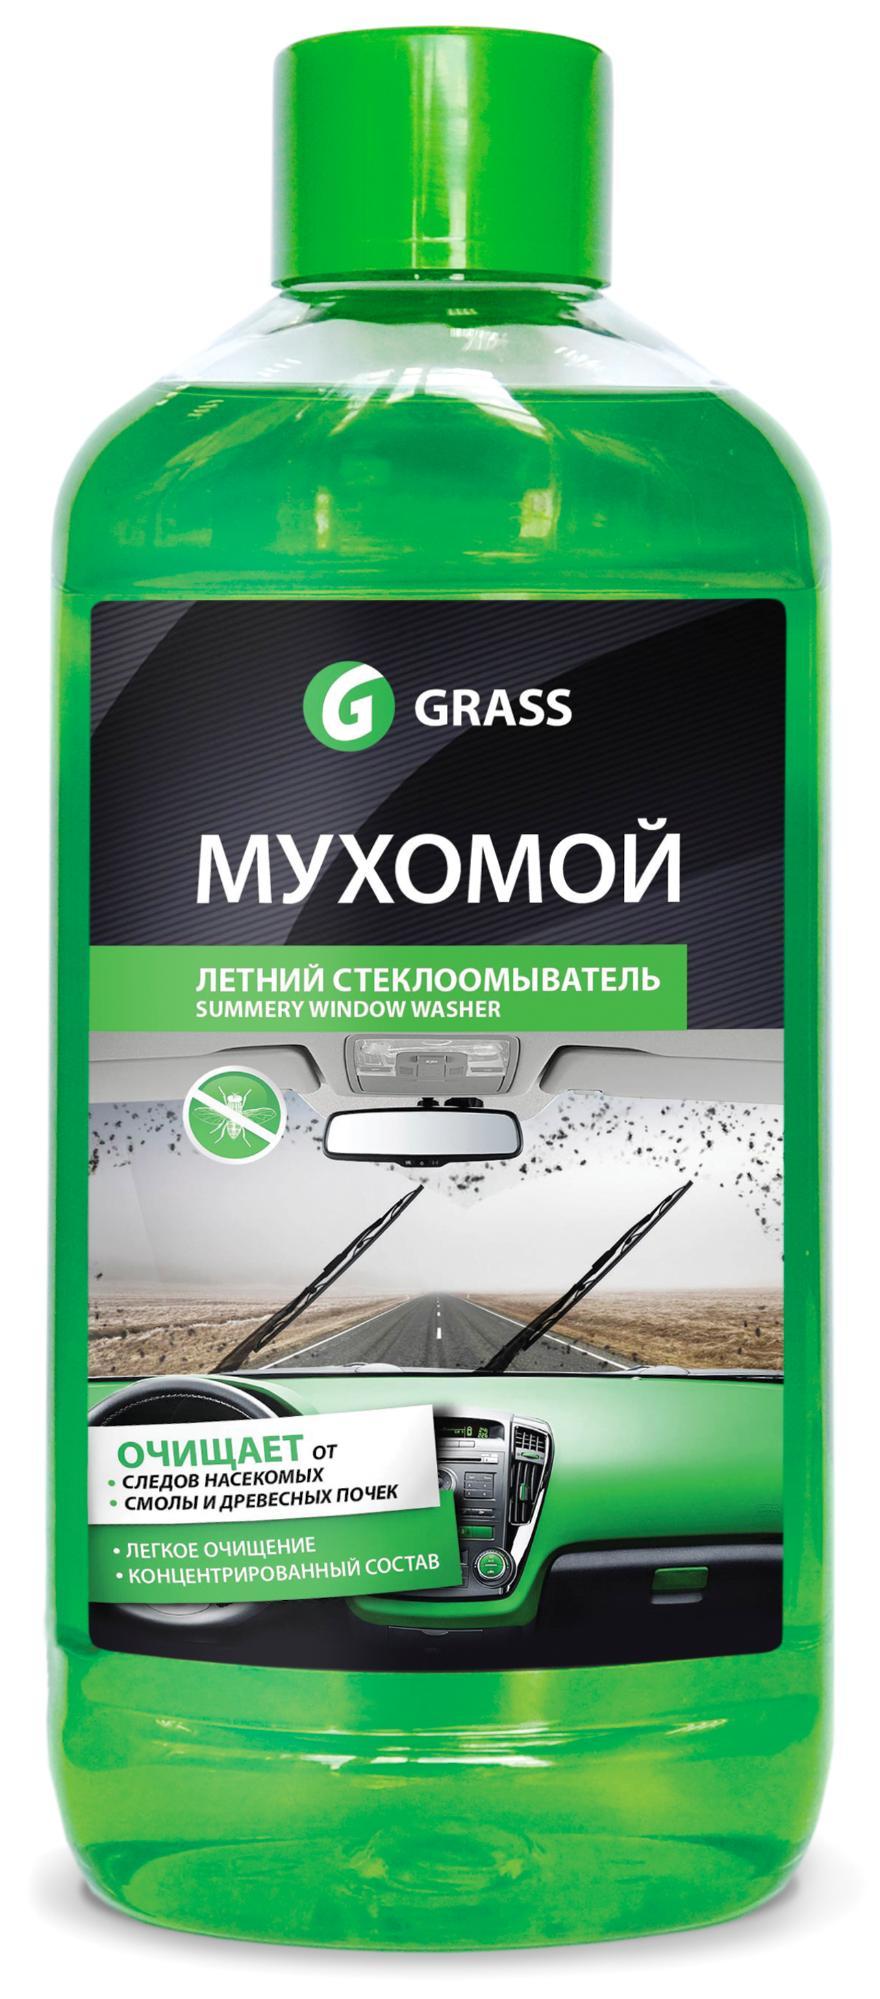 """Концентрат летнего стеклоомывателя """"Мухомой"""" НОВИНКА"""